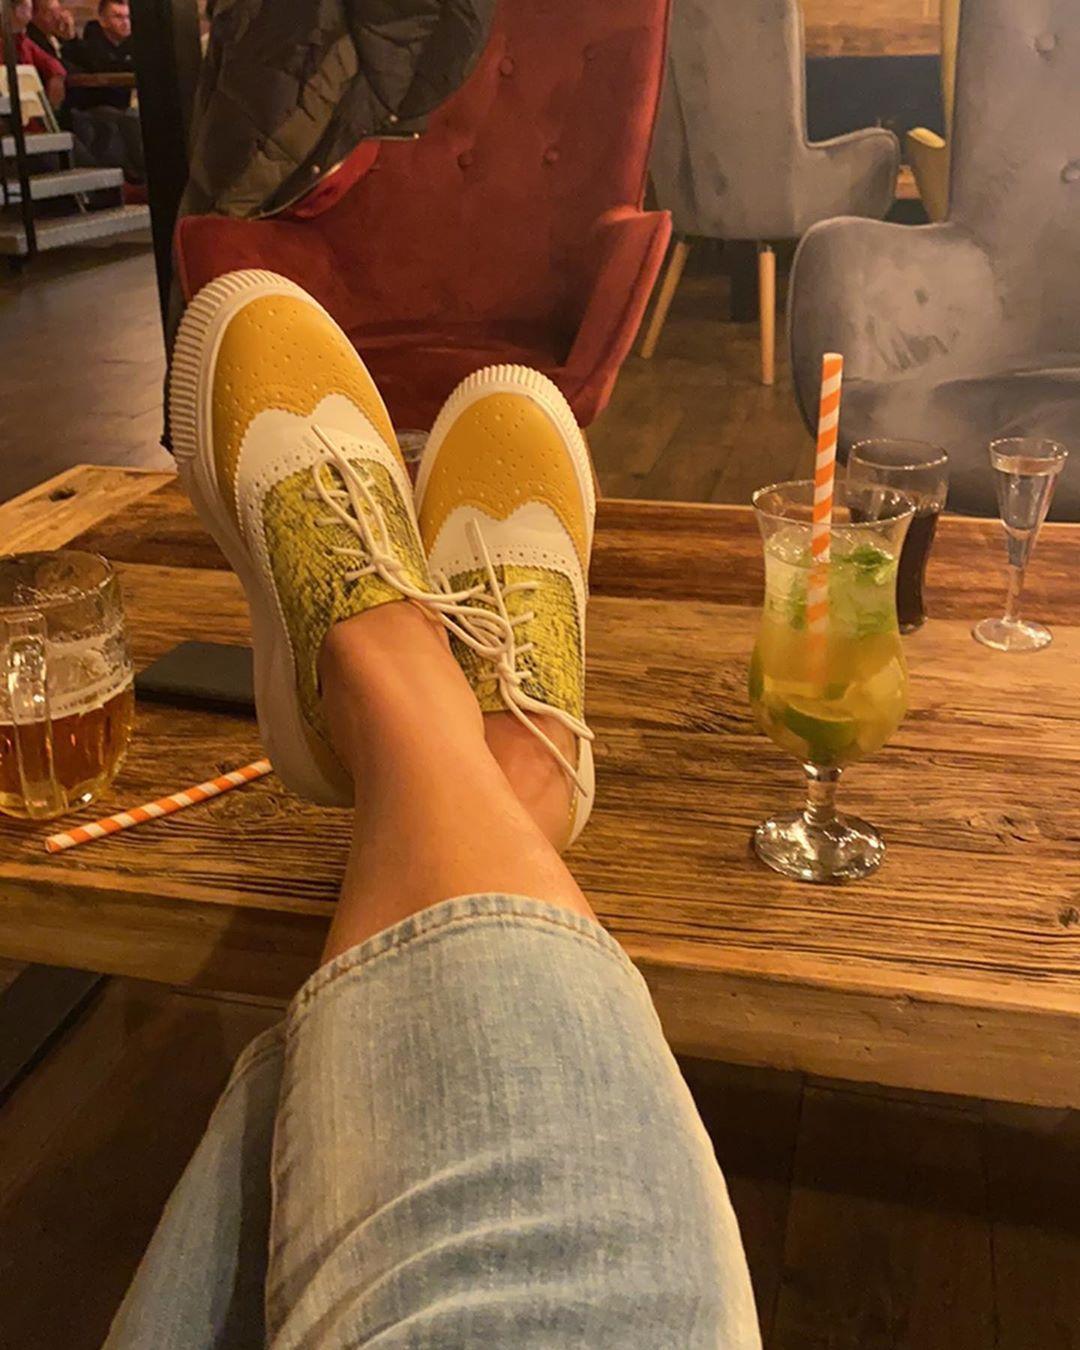 Taka Reklama Maliki Dziekuje Agnieszka3395 Malika Butik Mikolajki Mazury Reklama Polskadziewczyna Chillout Relax Mo Ll Bean Boot Boots Shoes